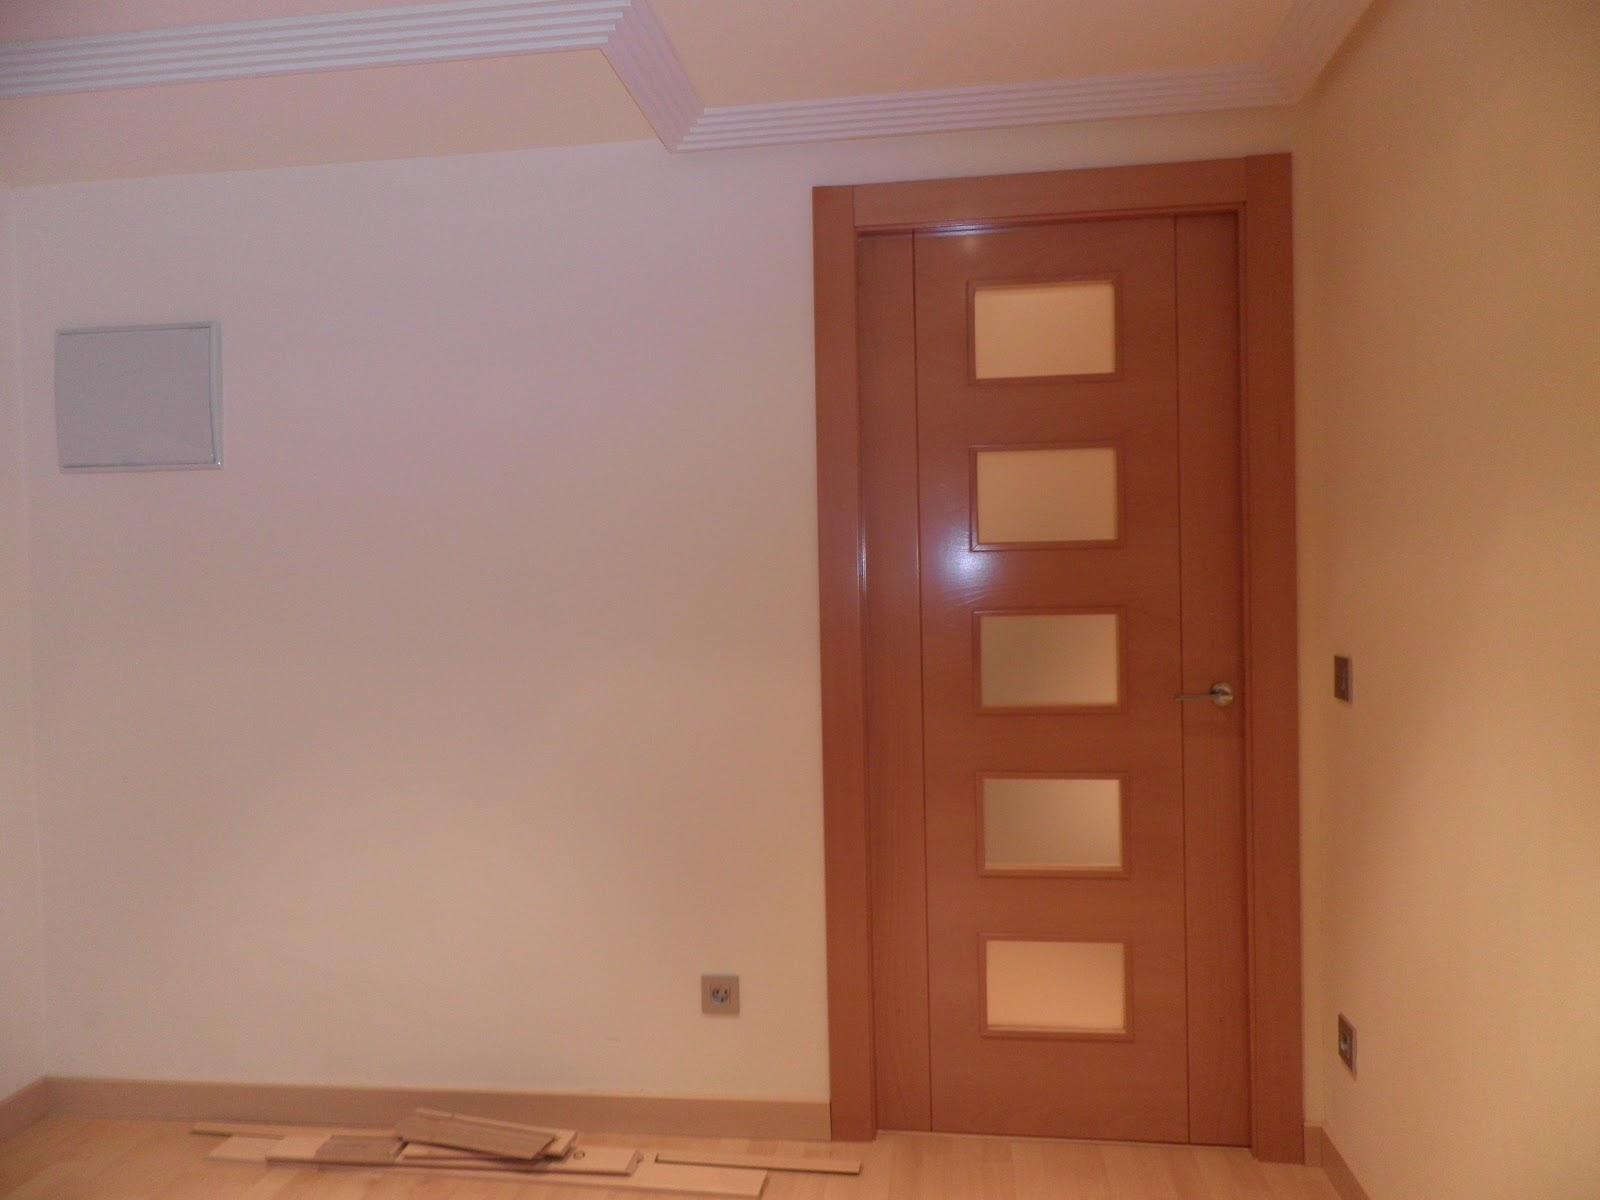 Interiorismo y decoracion lola torga enero 2014 for Puertas para dormitorios